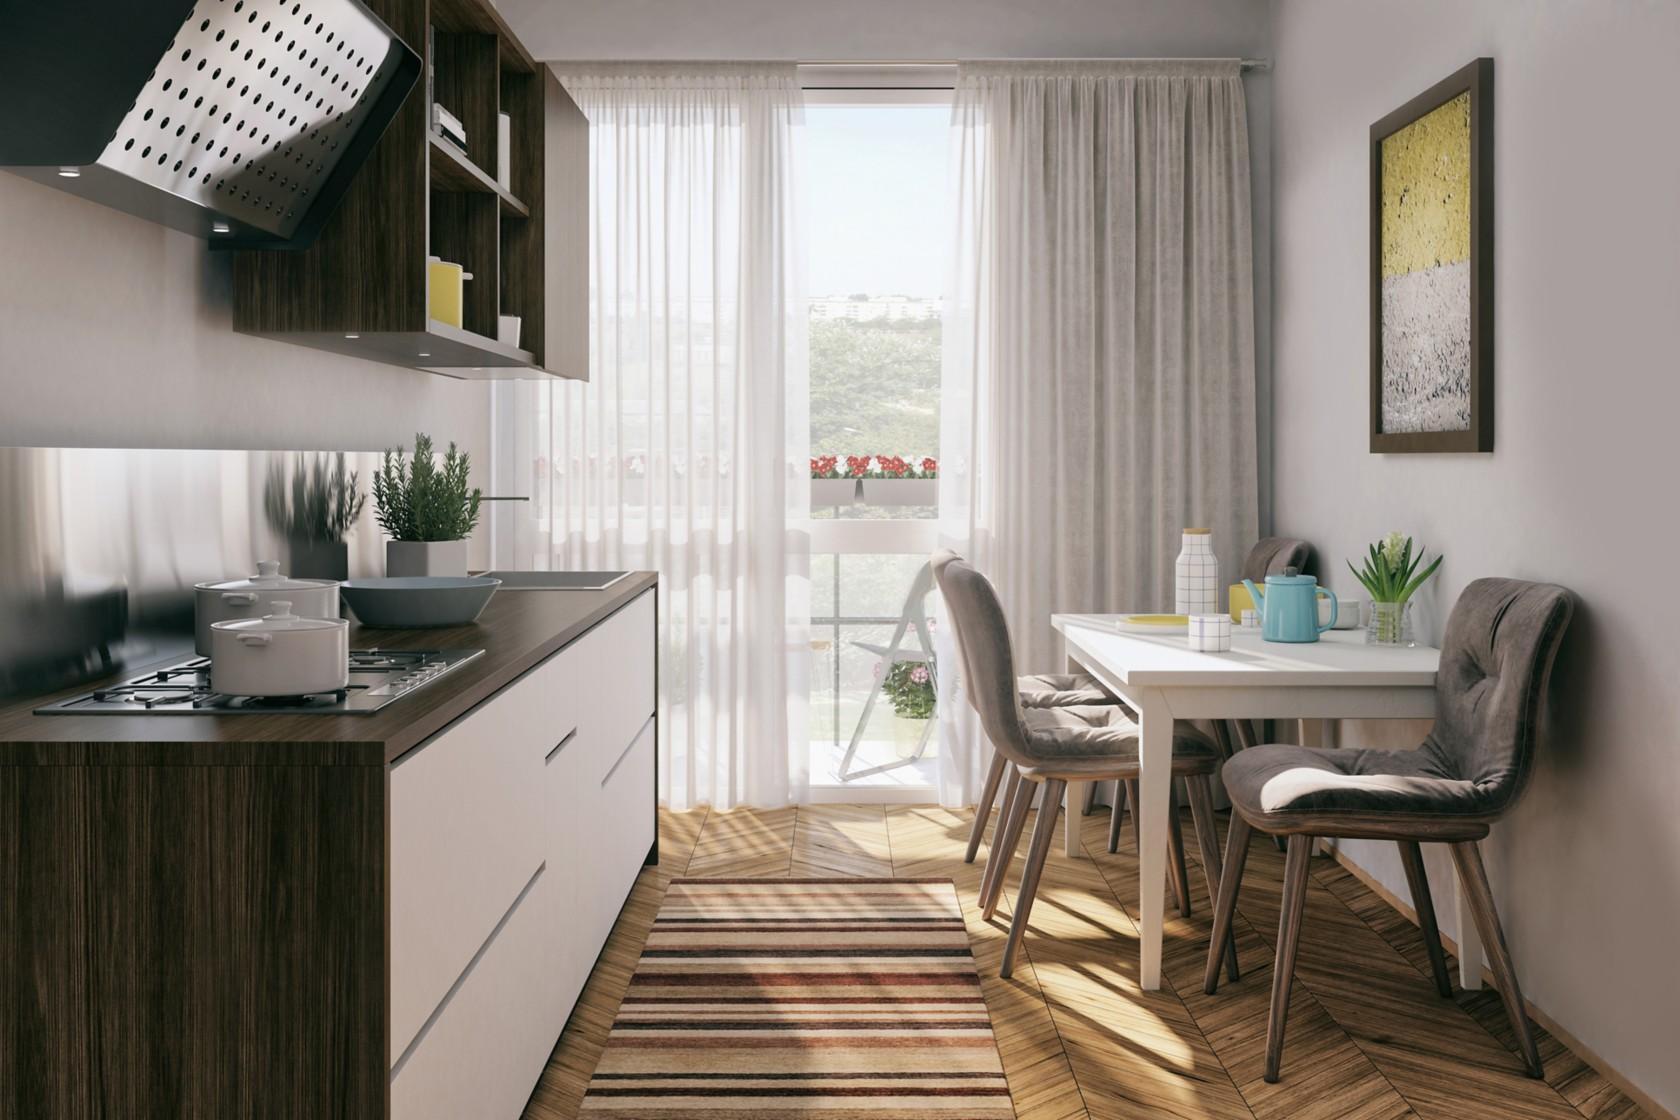 Leben auf kleinem Raum, enge Küche mit offenen Hochschränken